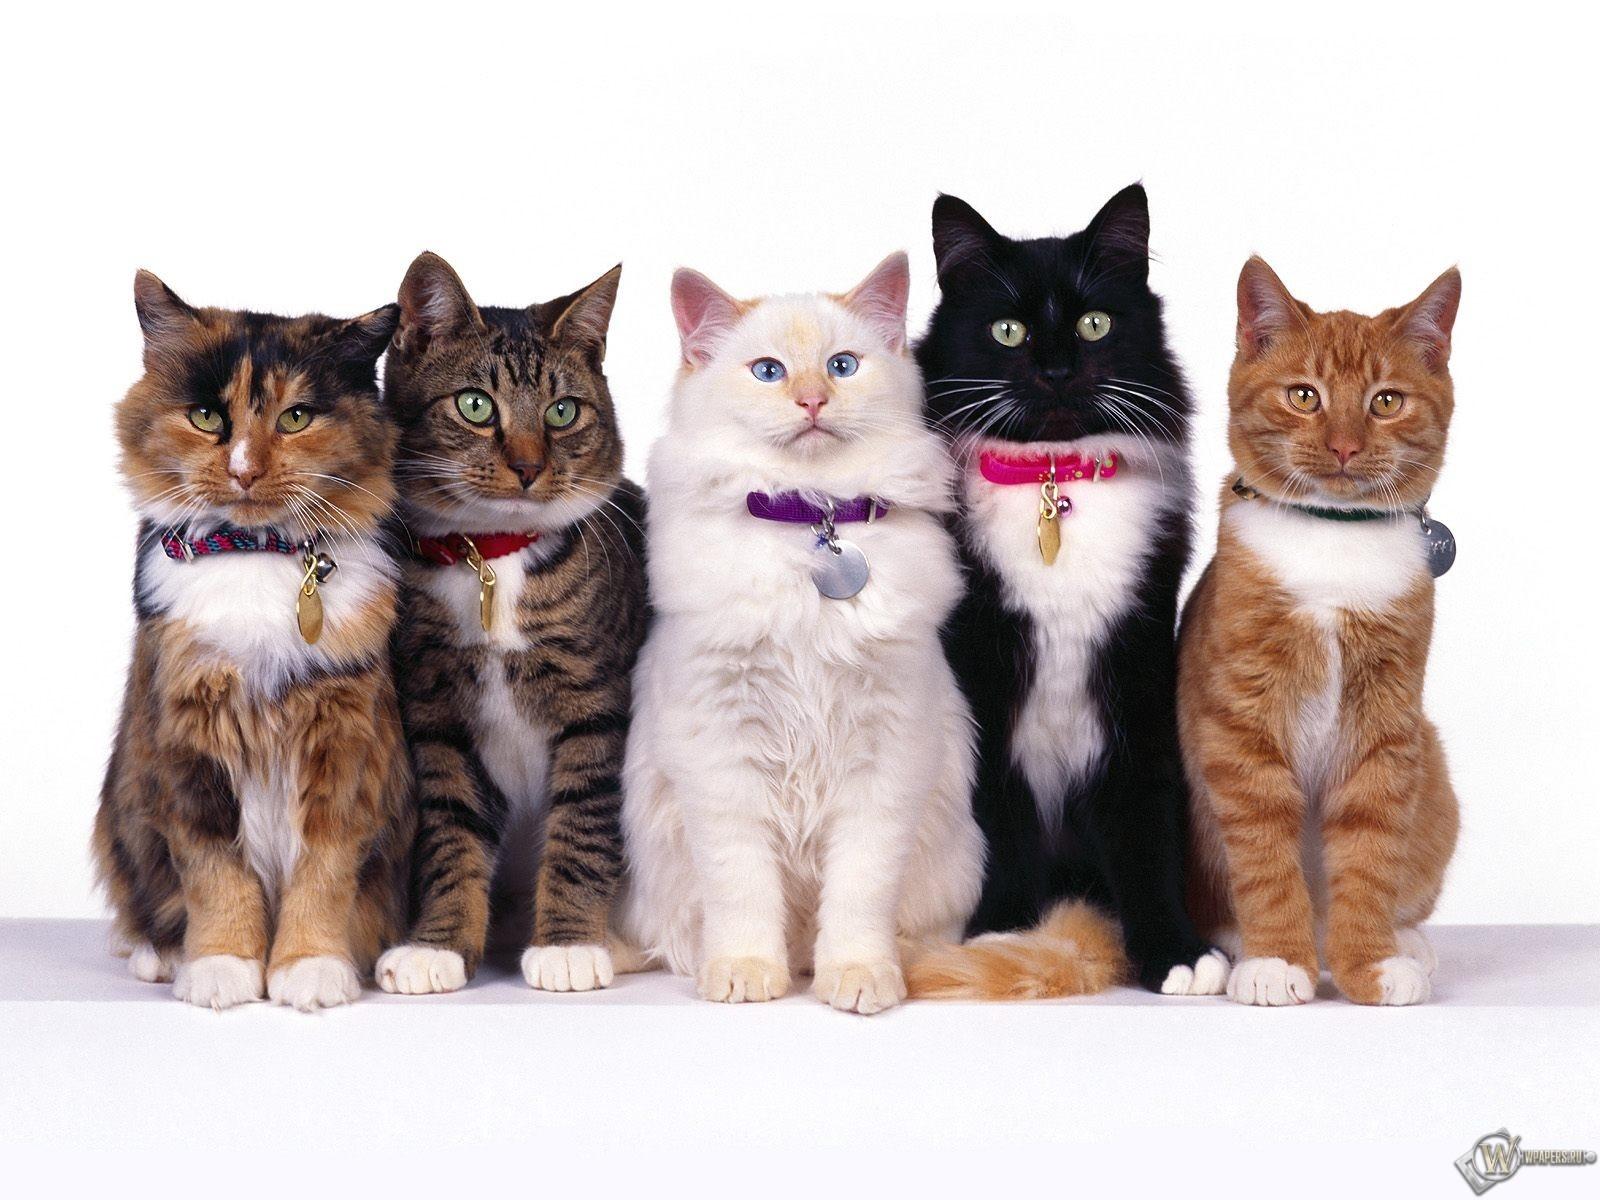 Пять очаровательных кошек 1600x1200